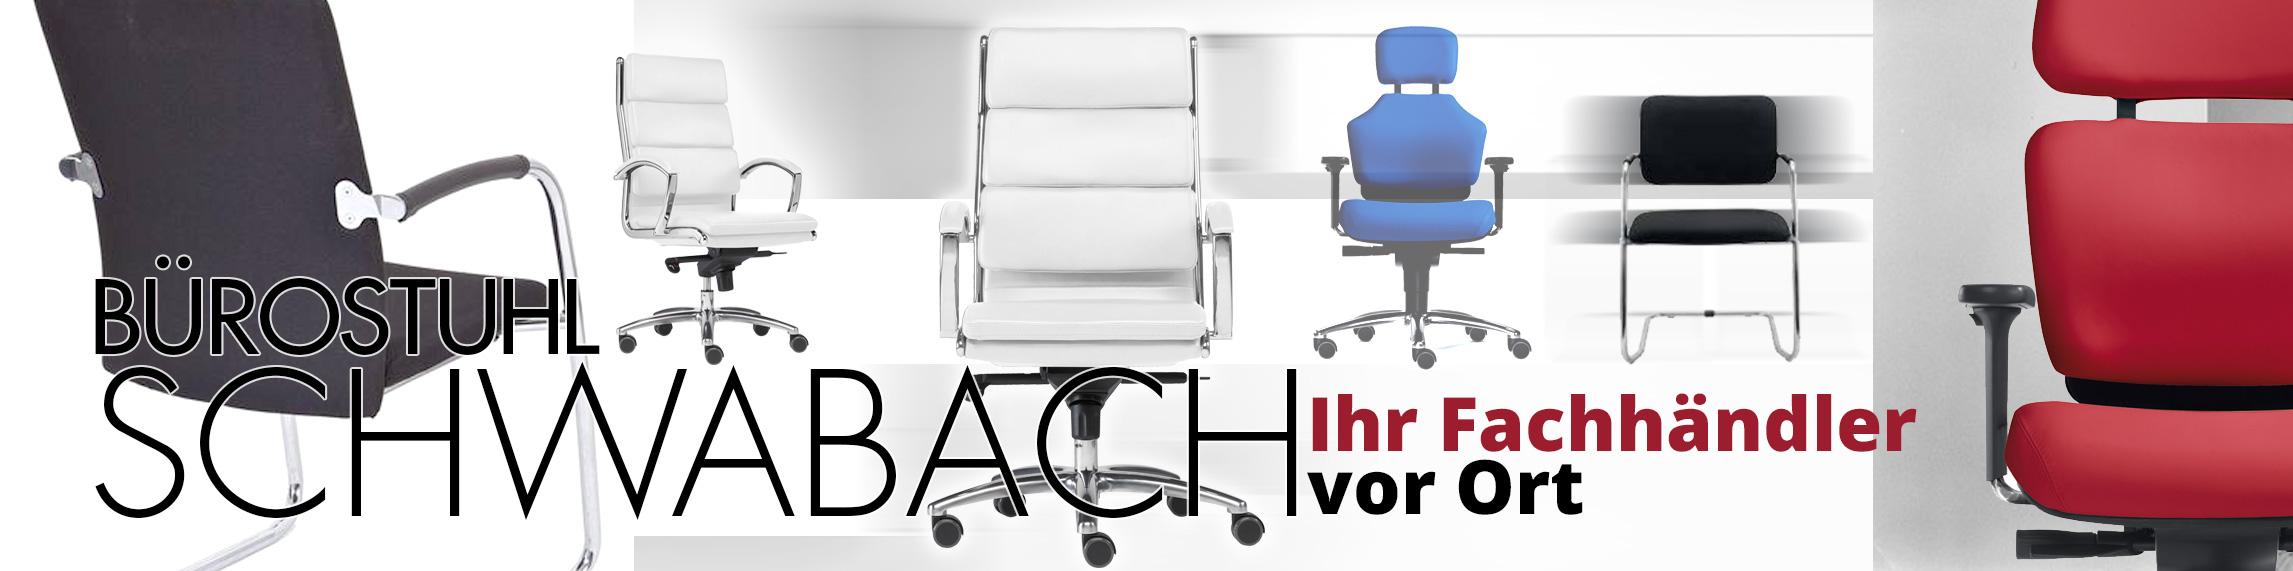 Chefsessel-Schwabach-kaufen